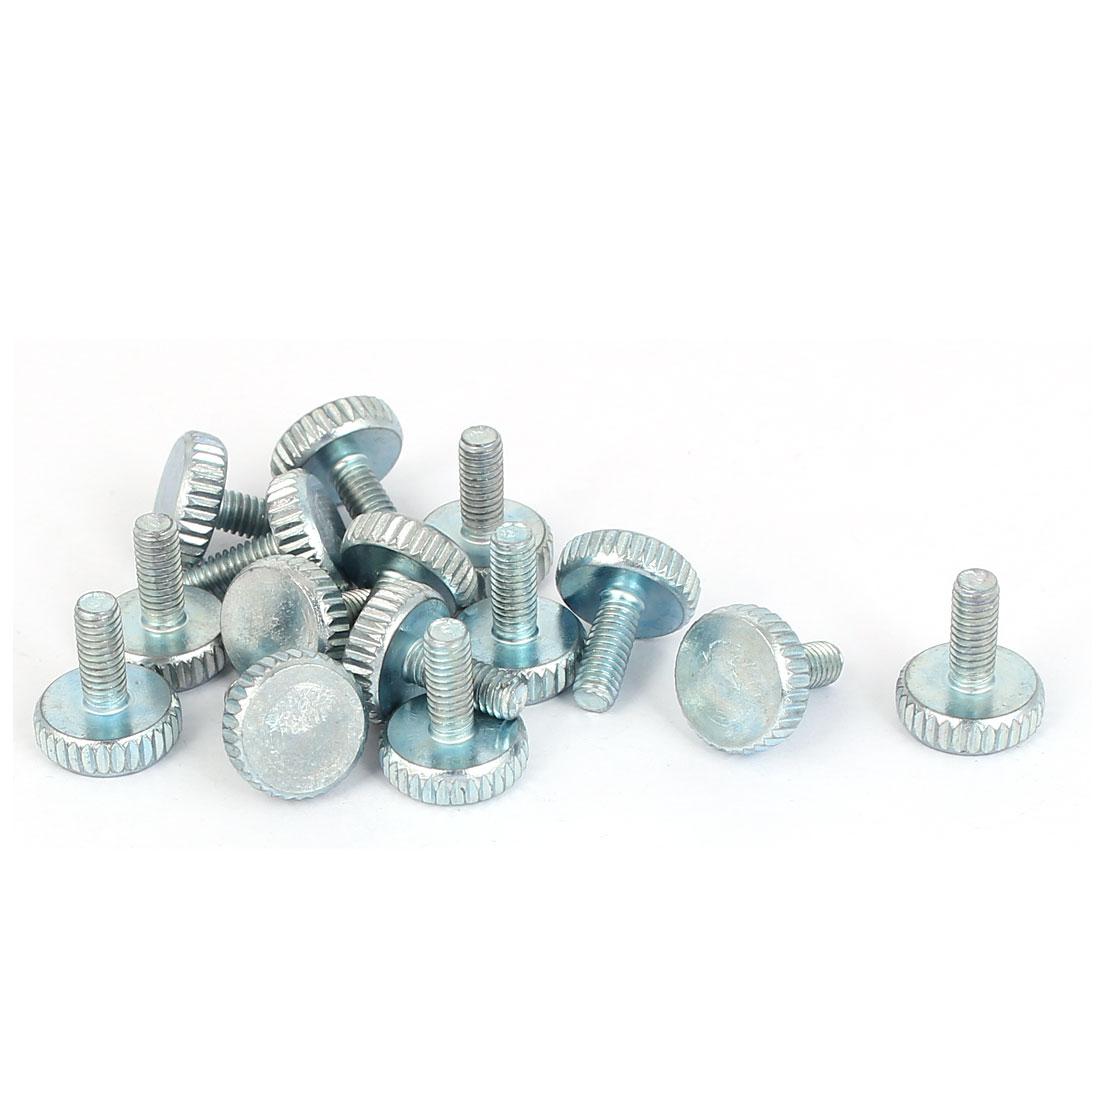 M4x10mm Thread Carbon Steel Knurled Round Head Thumb Screws Silver Blue 15pcs